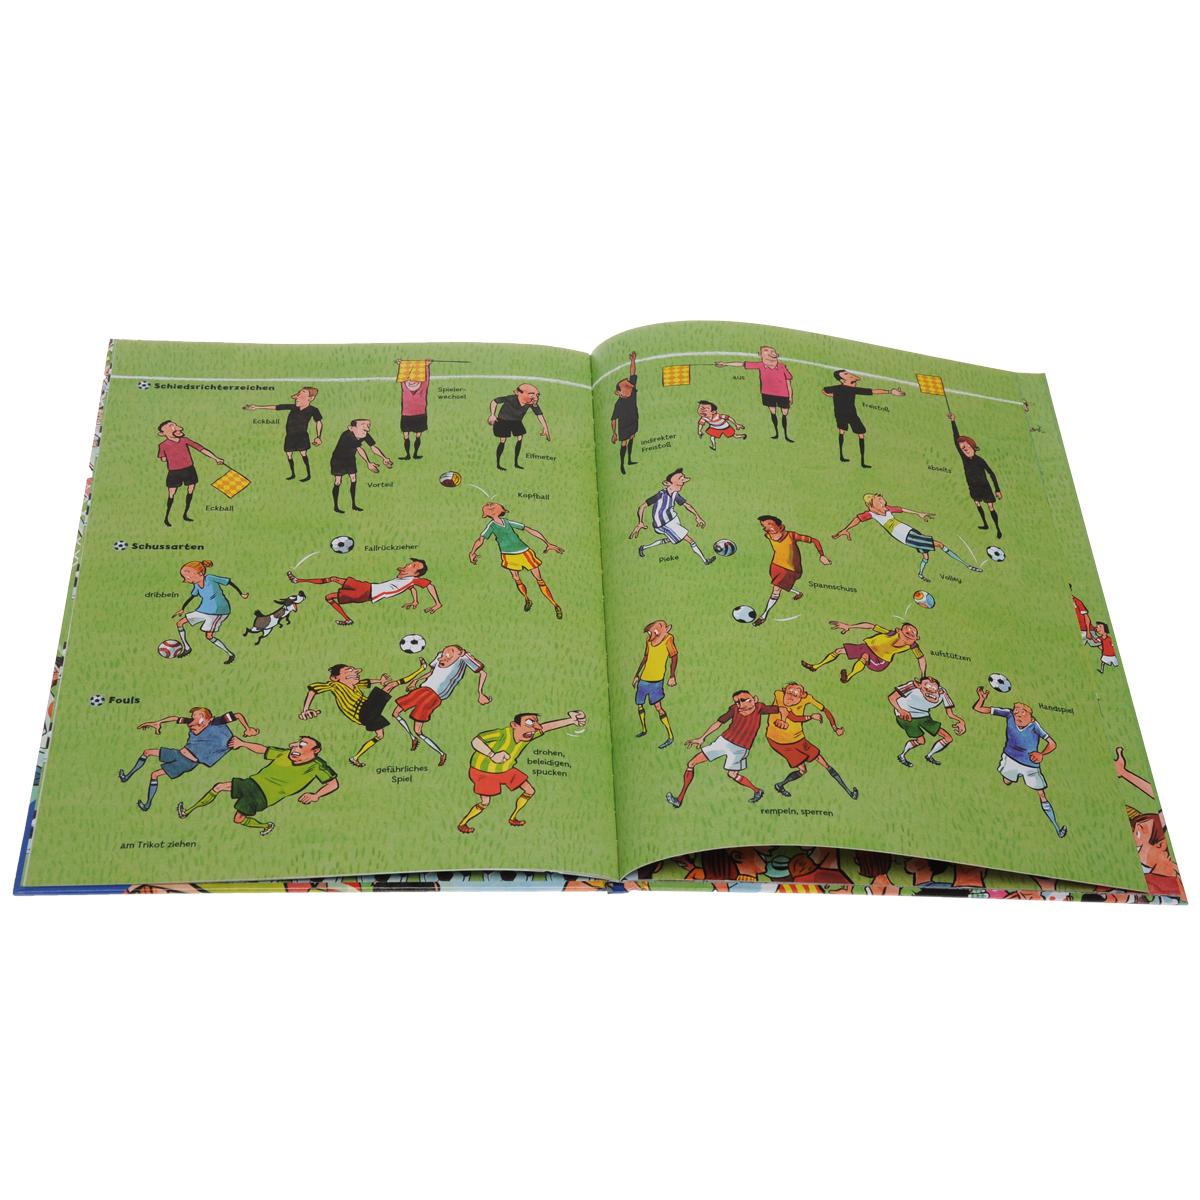 Das grosse Fussball-Wimmelbuch